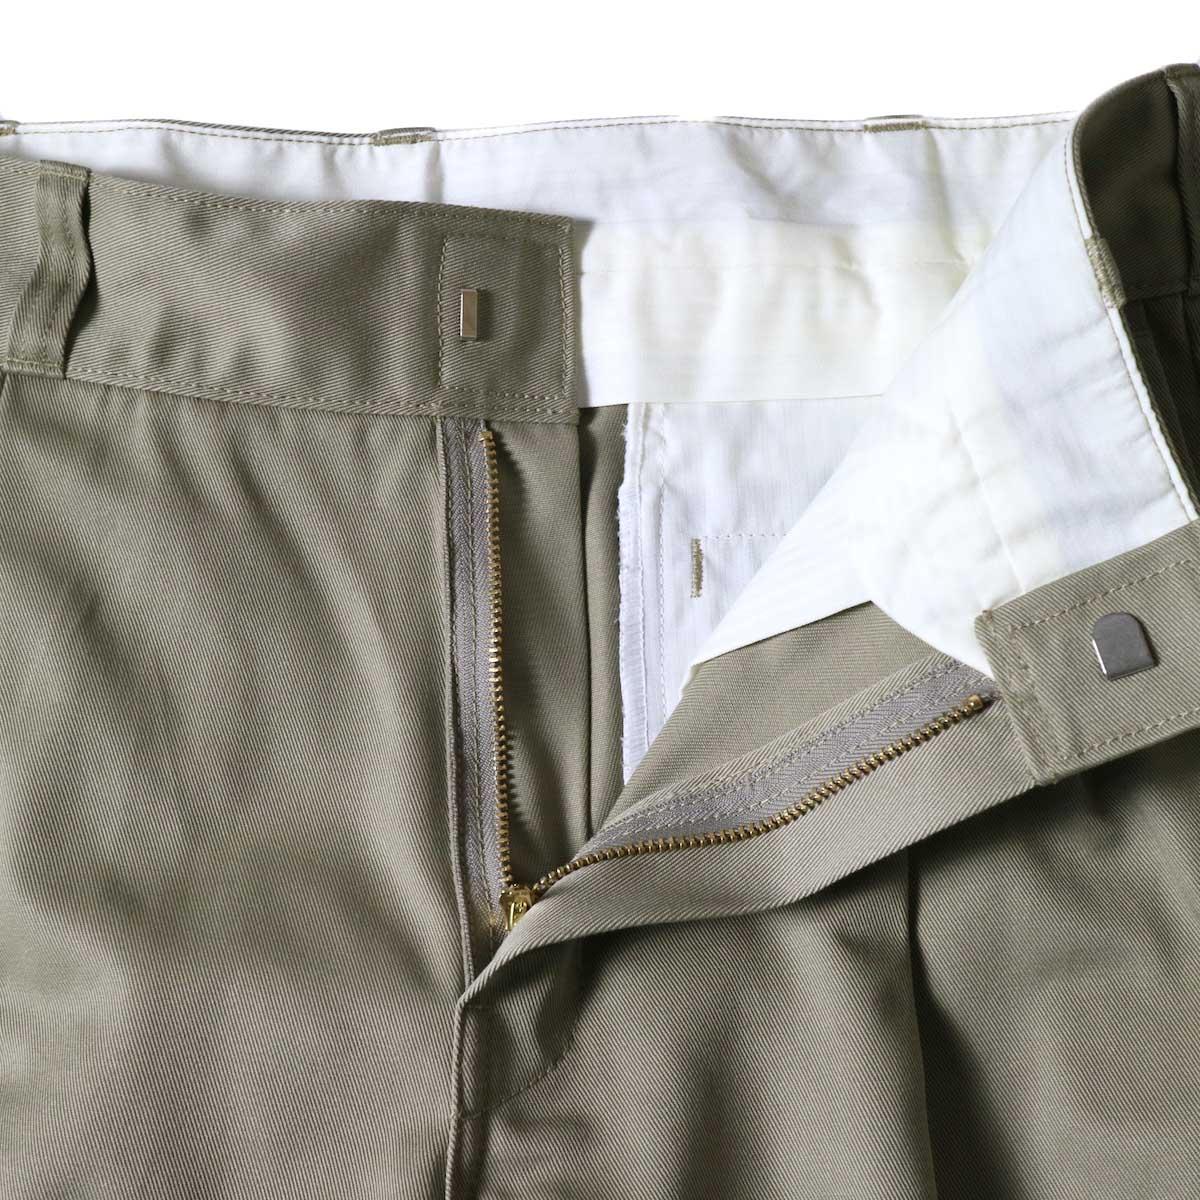 UNUSED / UW0913 Unused x Dickies  2Tuck Pants (Beige) TALONファスナー